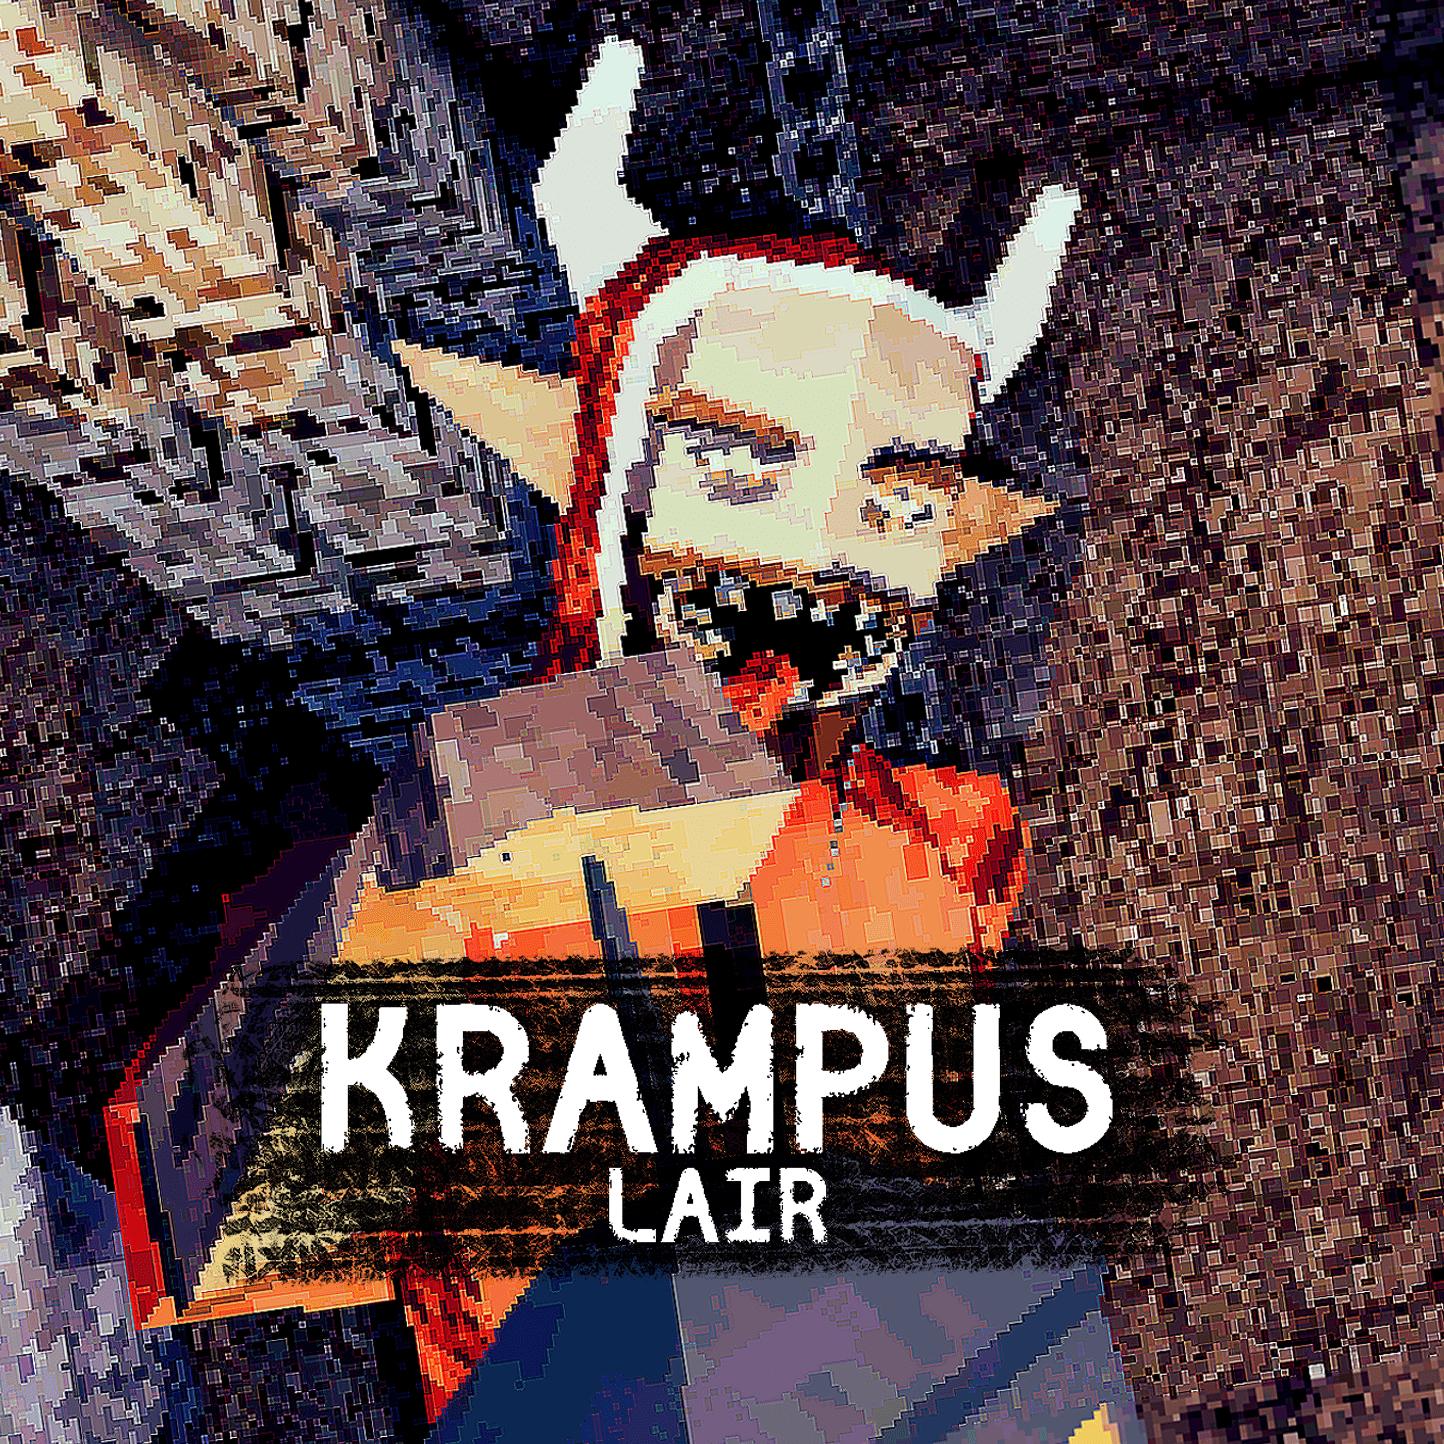 Sélection de jeux vidéo sur PC gratuits (dématérialisés) - Ex : Krampus Lai